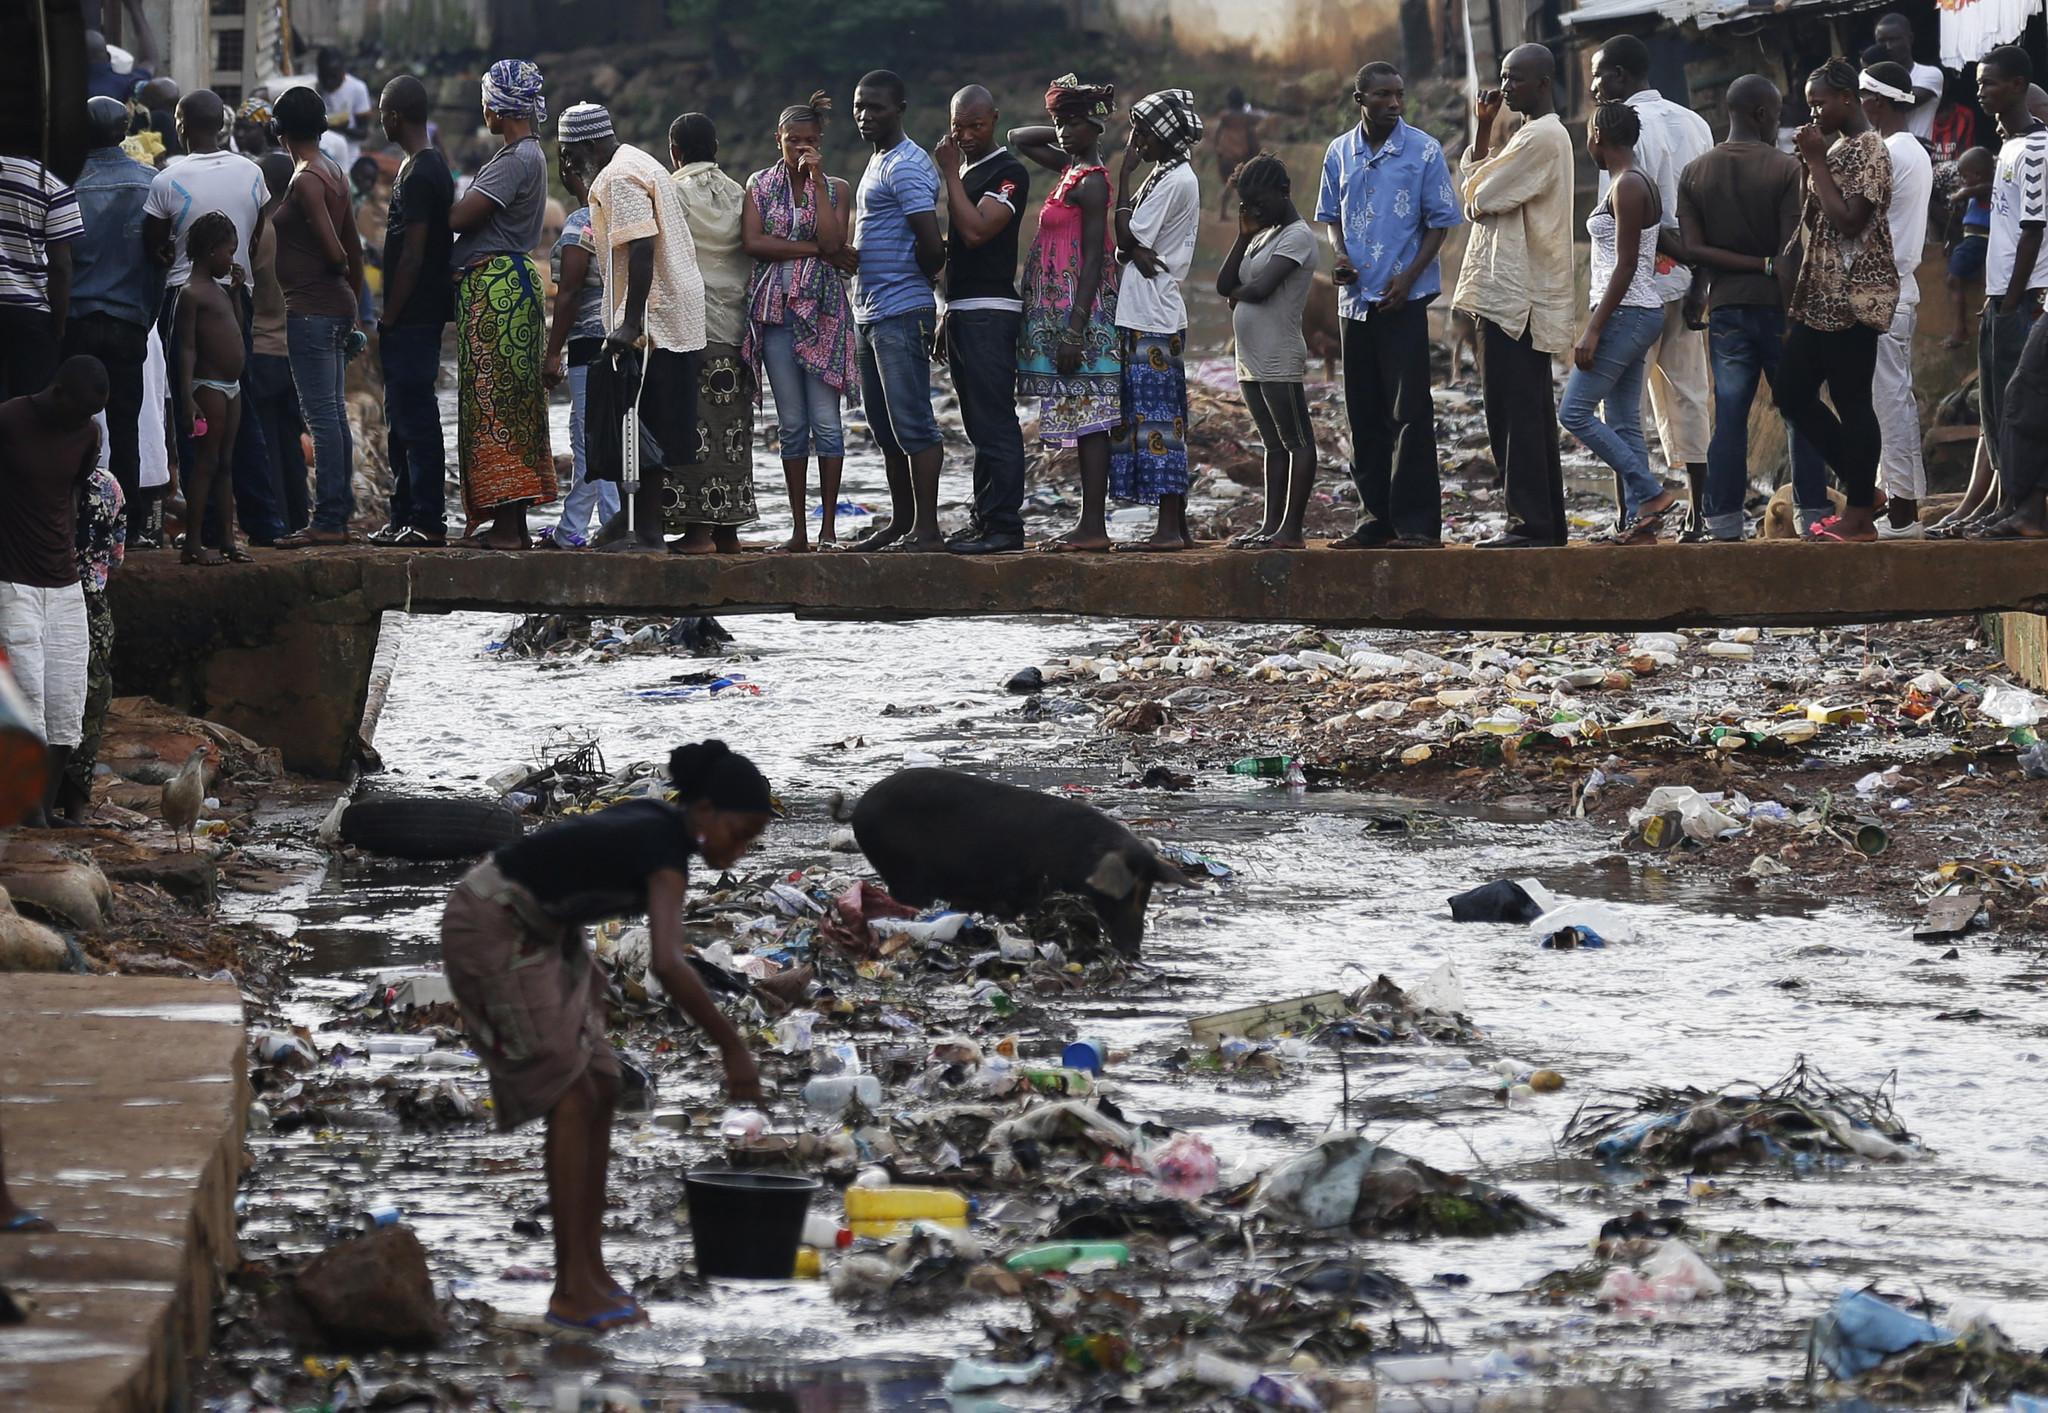 la-fg-wn-africa-corruption-survey-20131113